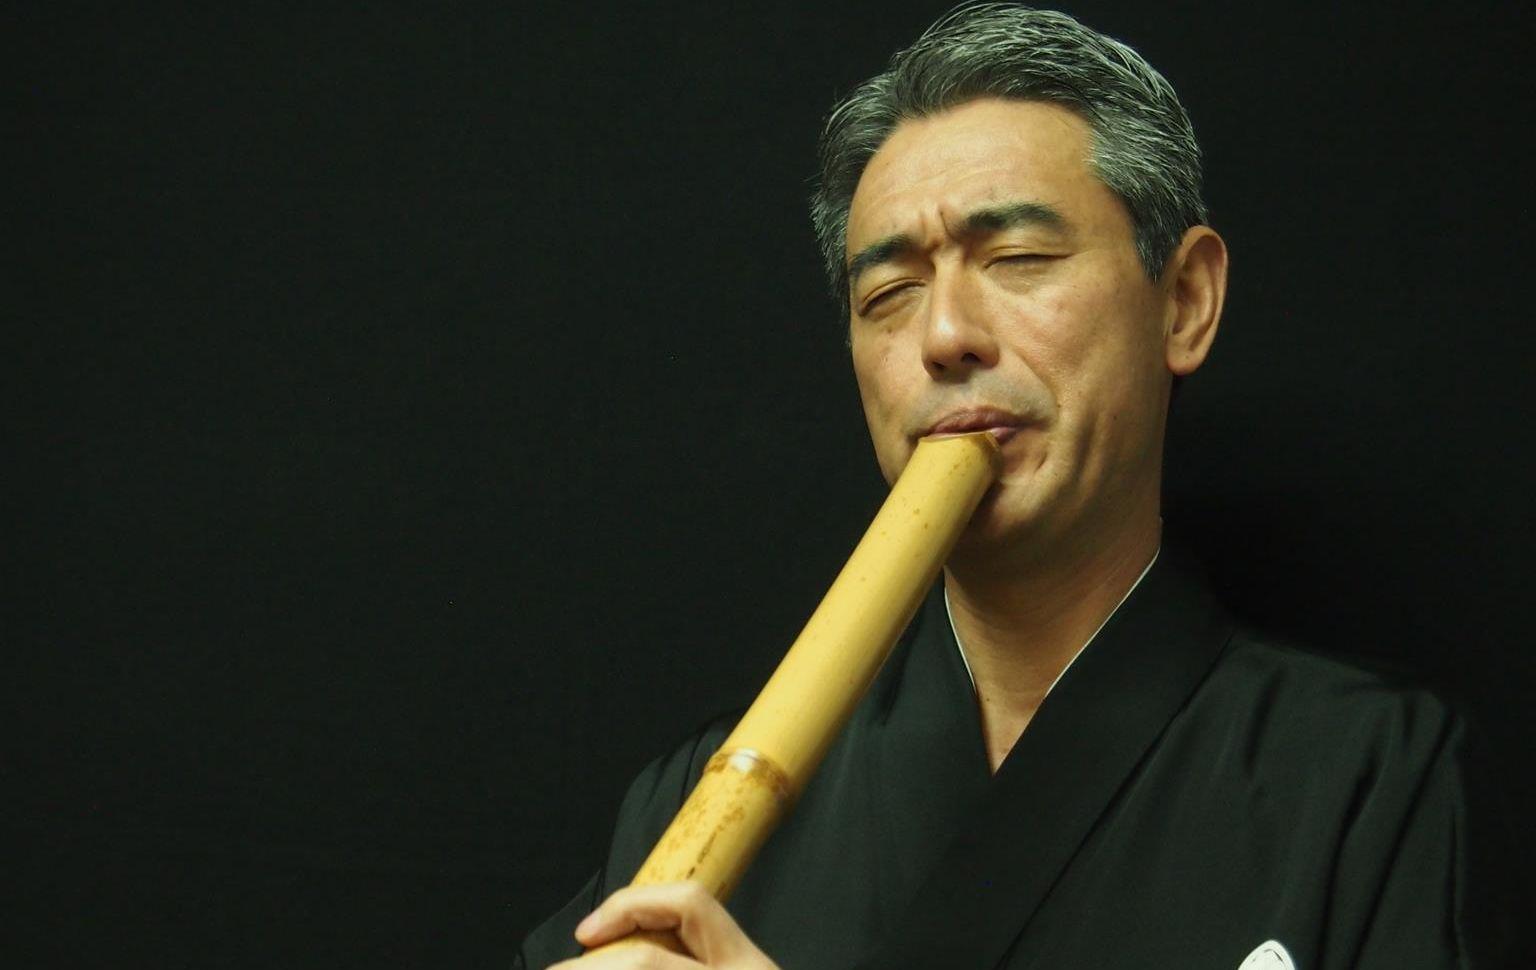 Maior mestre de flauta de bambu faz show em Curitiba